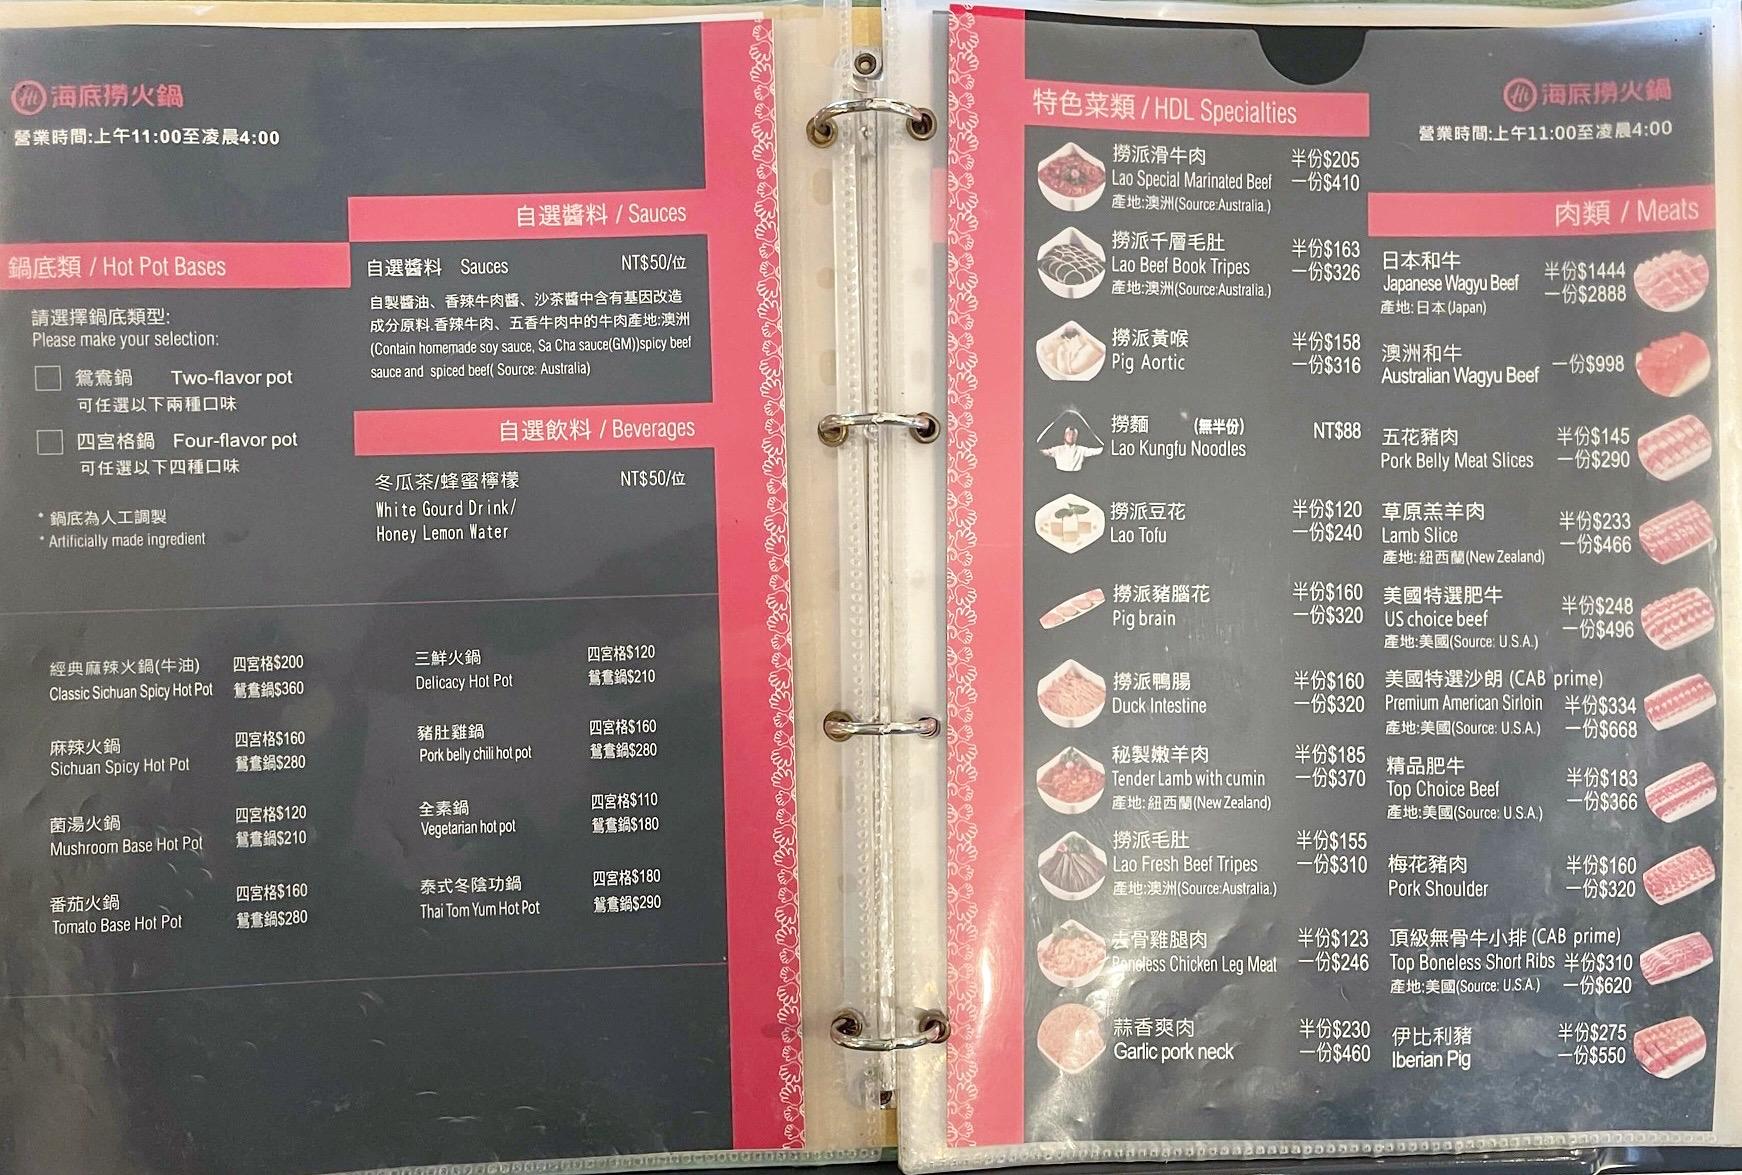 海底撈火鍋菜單-特色菜類 肉類